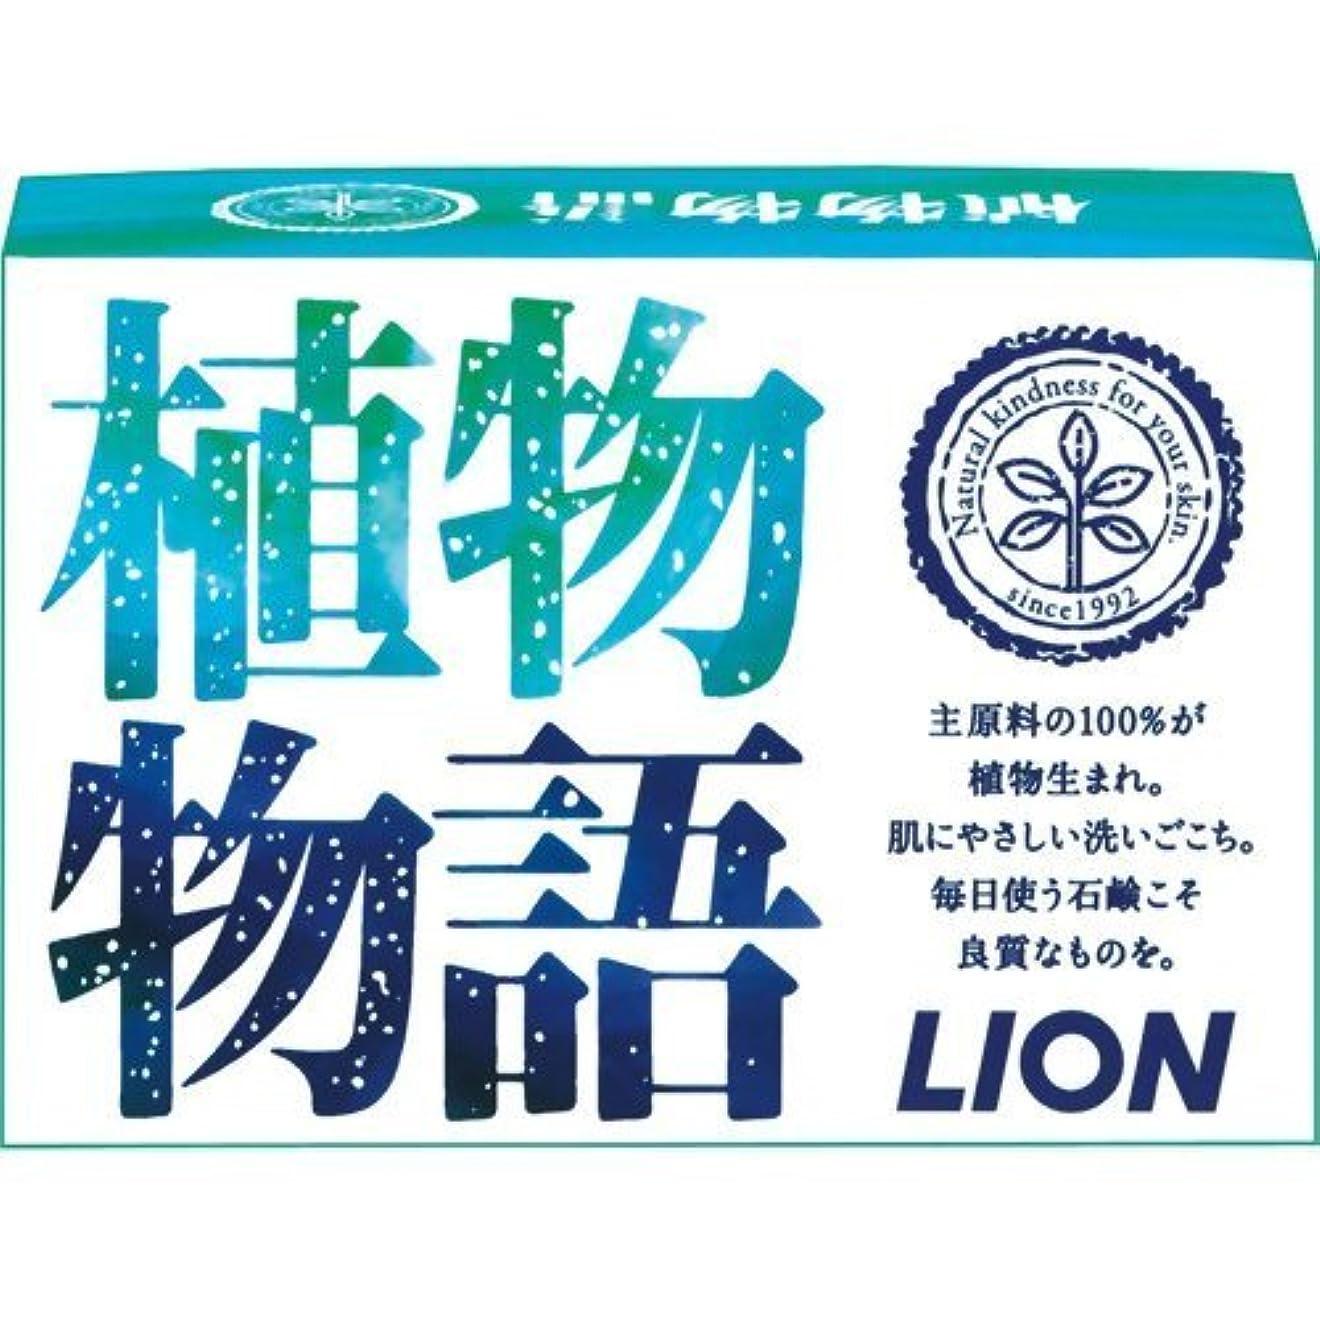 確保する地域北西ライオン 植物物語 化粧石鹸  1個